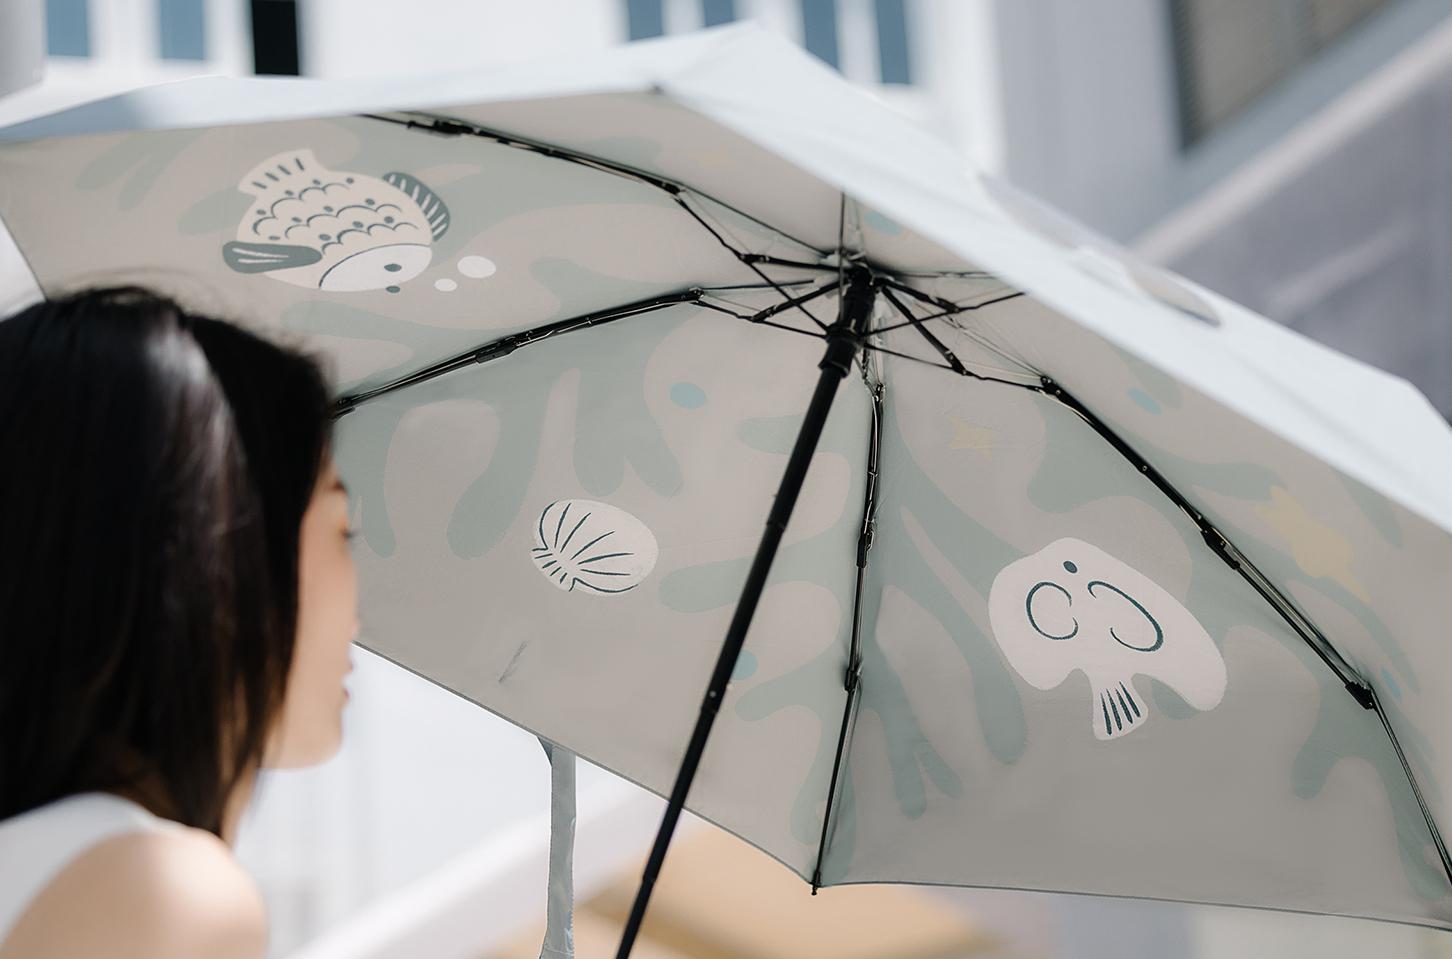 001S Pocket Umbrella images